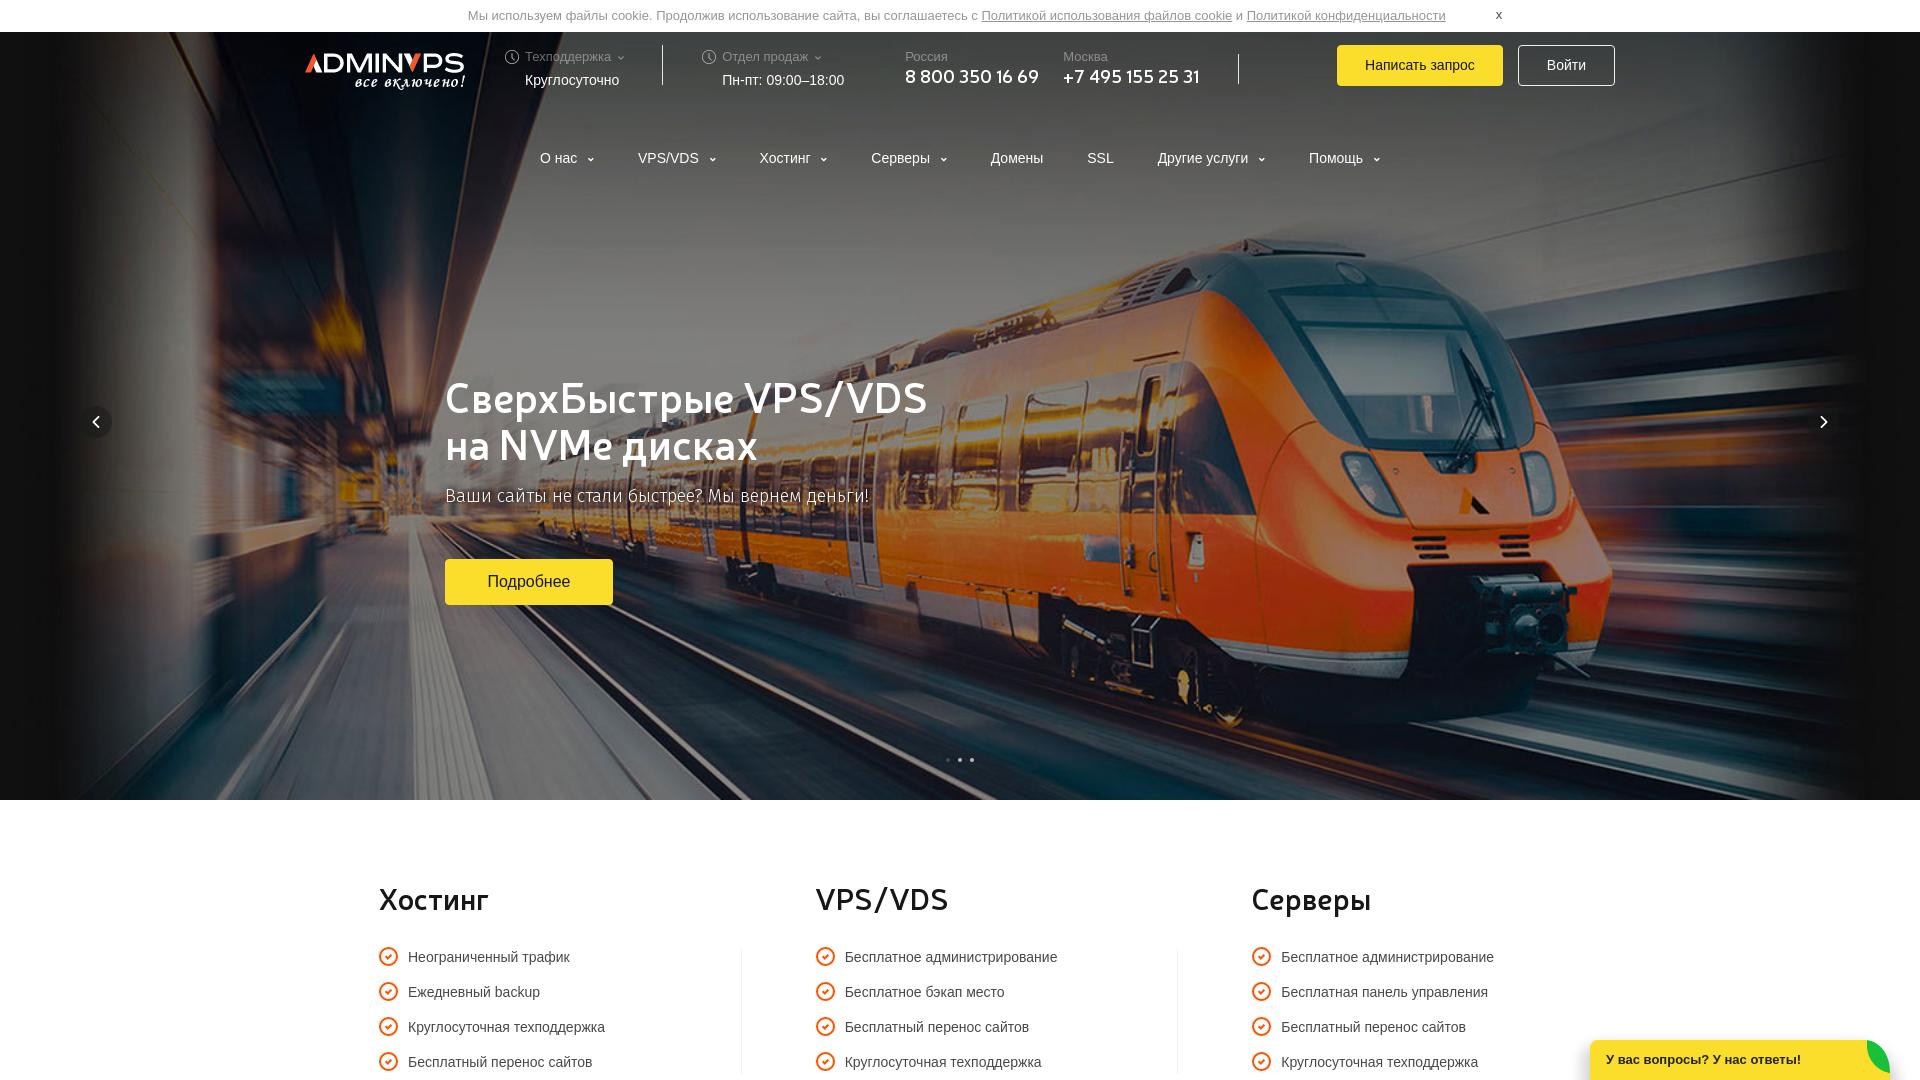 Adminvps website